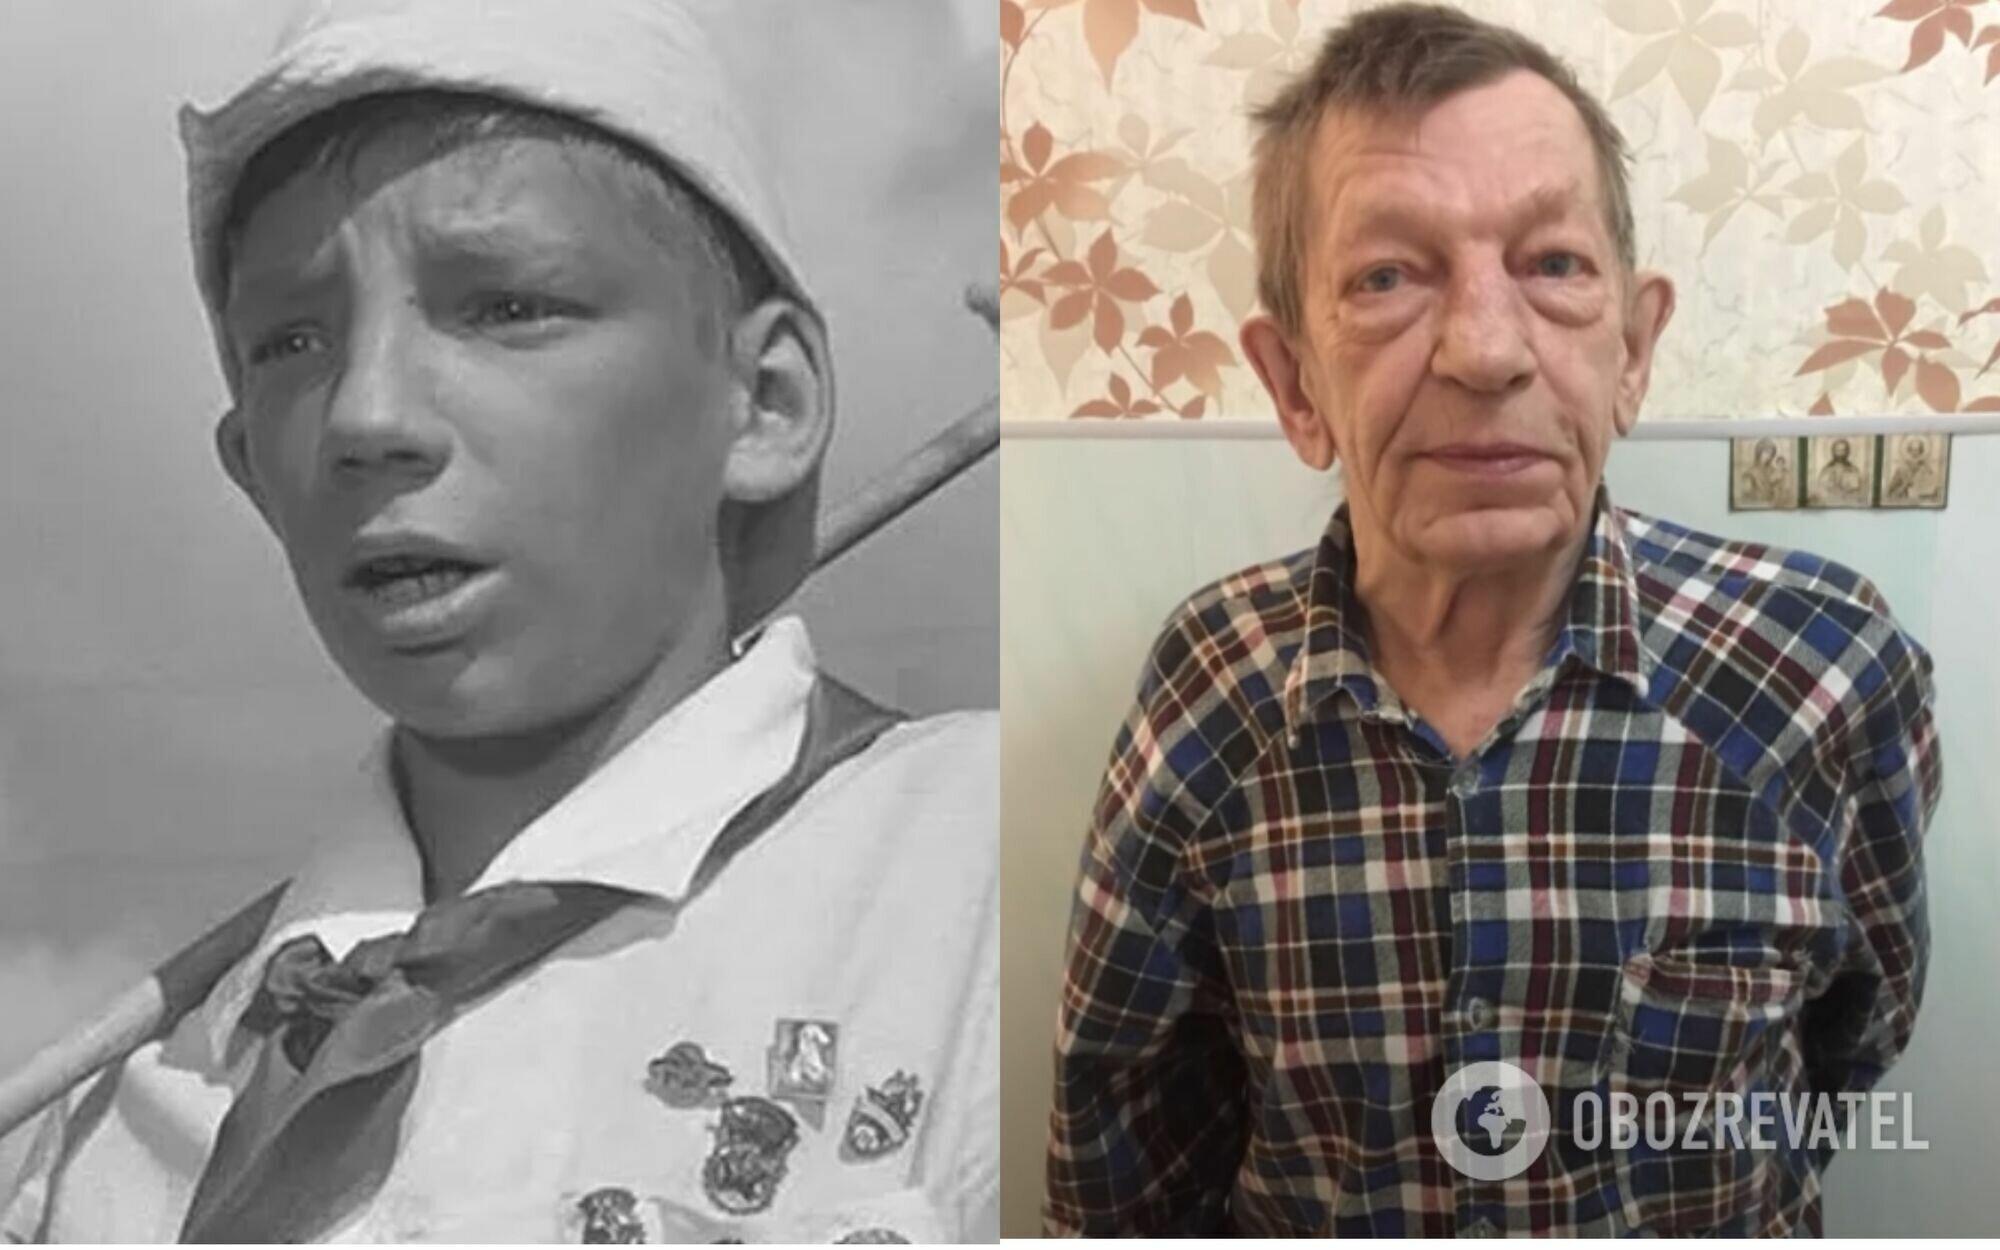 После дебюта в известном фильме, Цареву пришлось работать грузчиком и уборщиком.